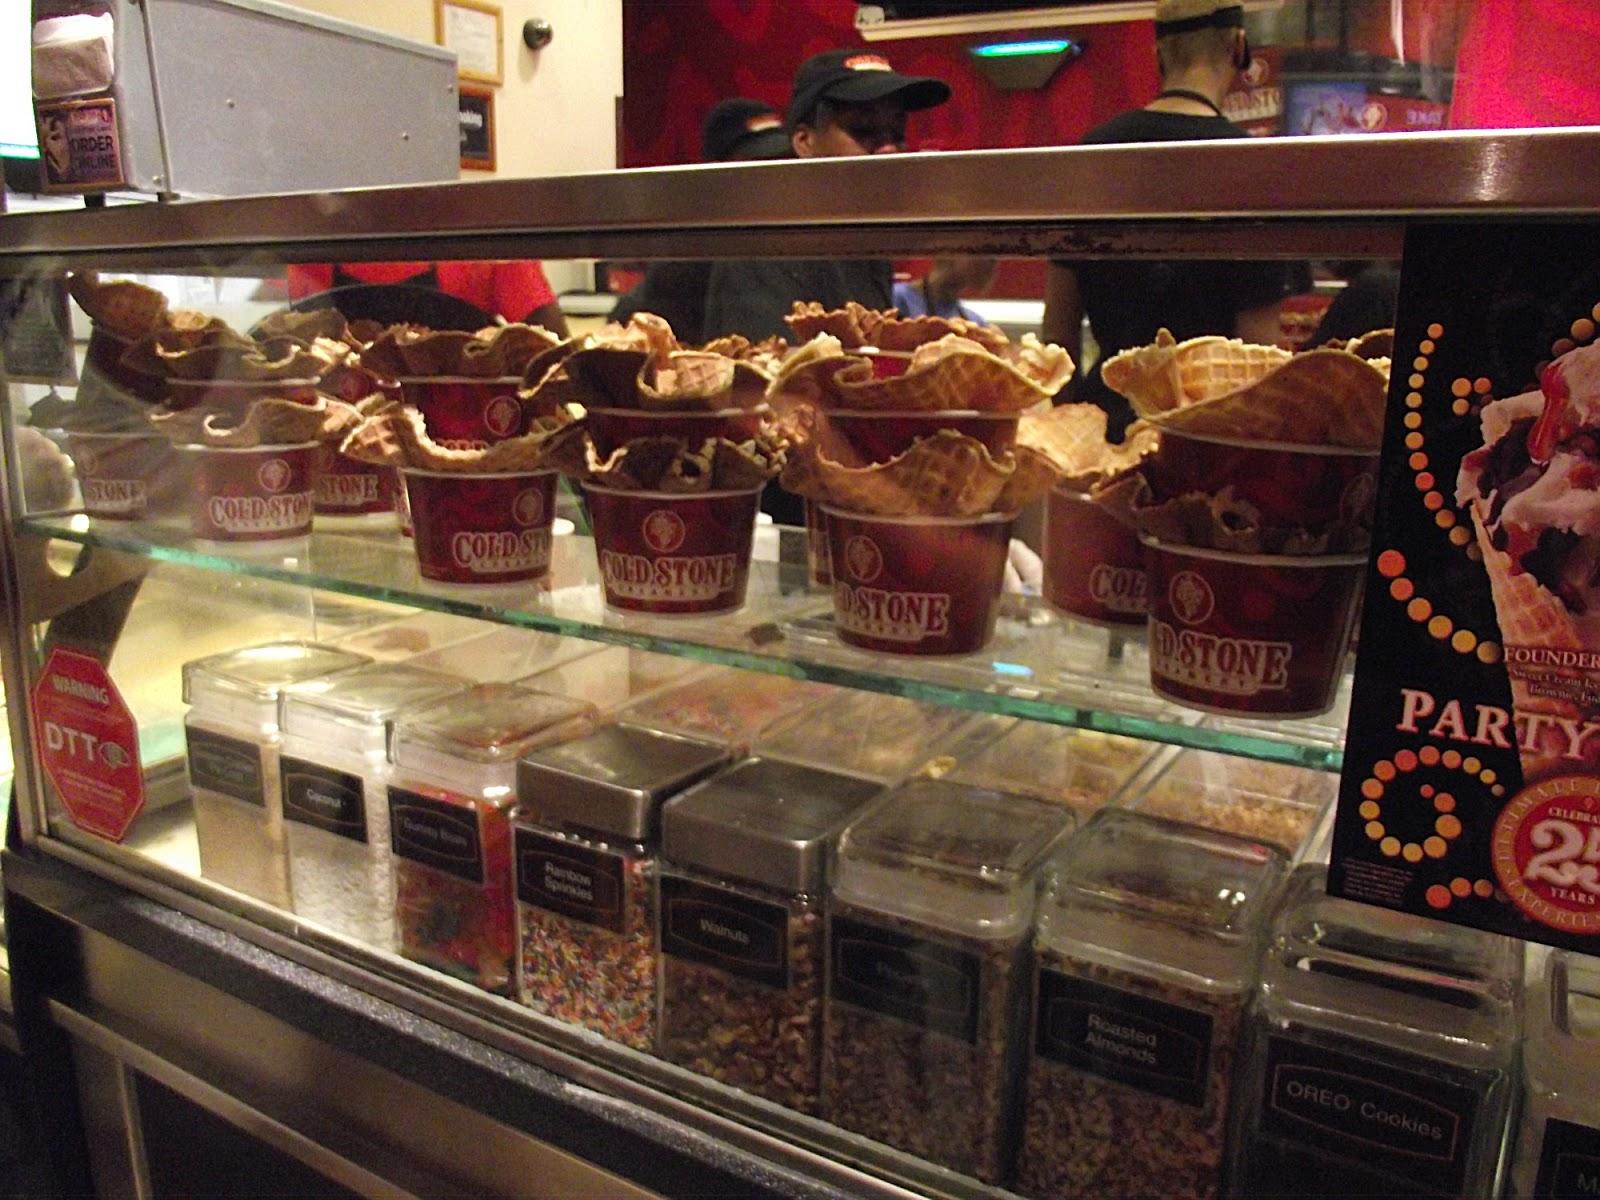 Cherry Cream York Square New Walgreens Ice